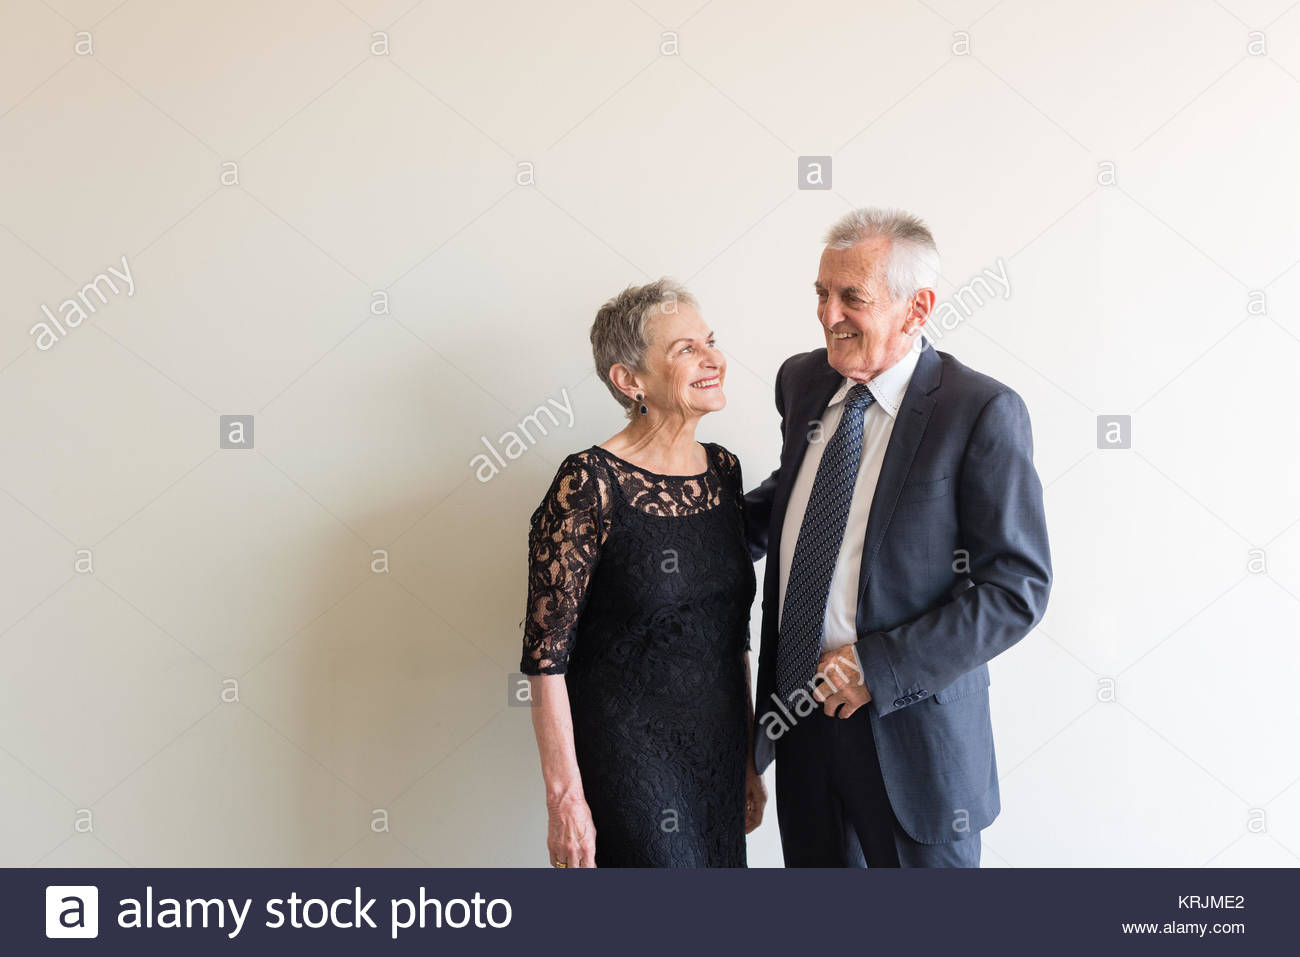 Midlength Ansicht älterer Mann im blauen Anzug und Frau in schwarzer ...